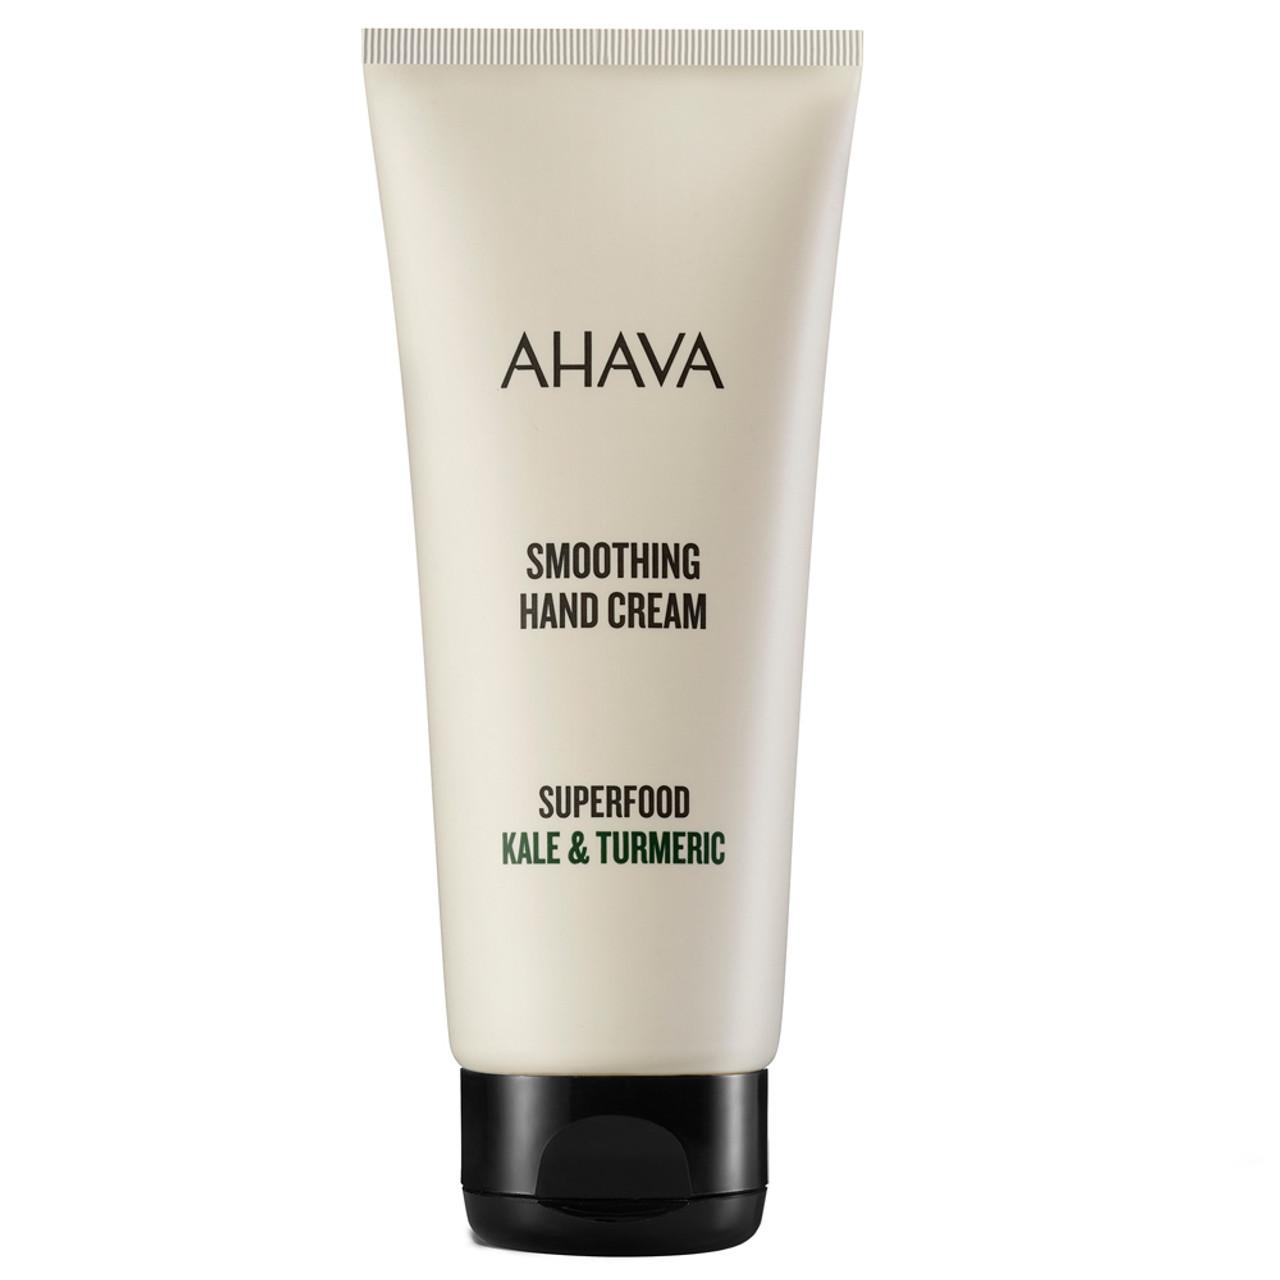 AHAVA Superfood Kale & Turmeric Smoothing Hand Cream